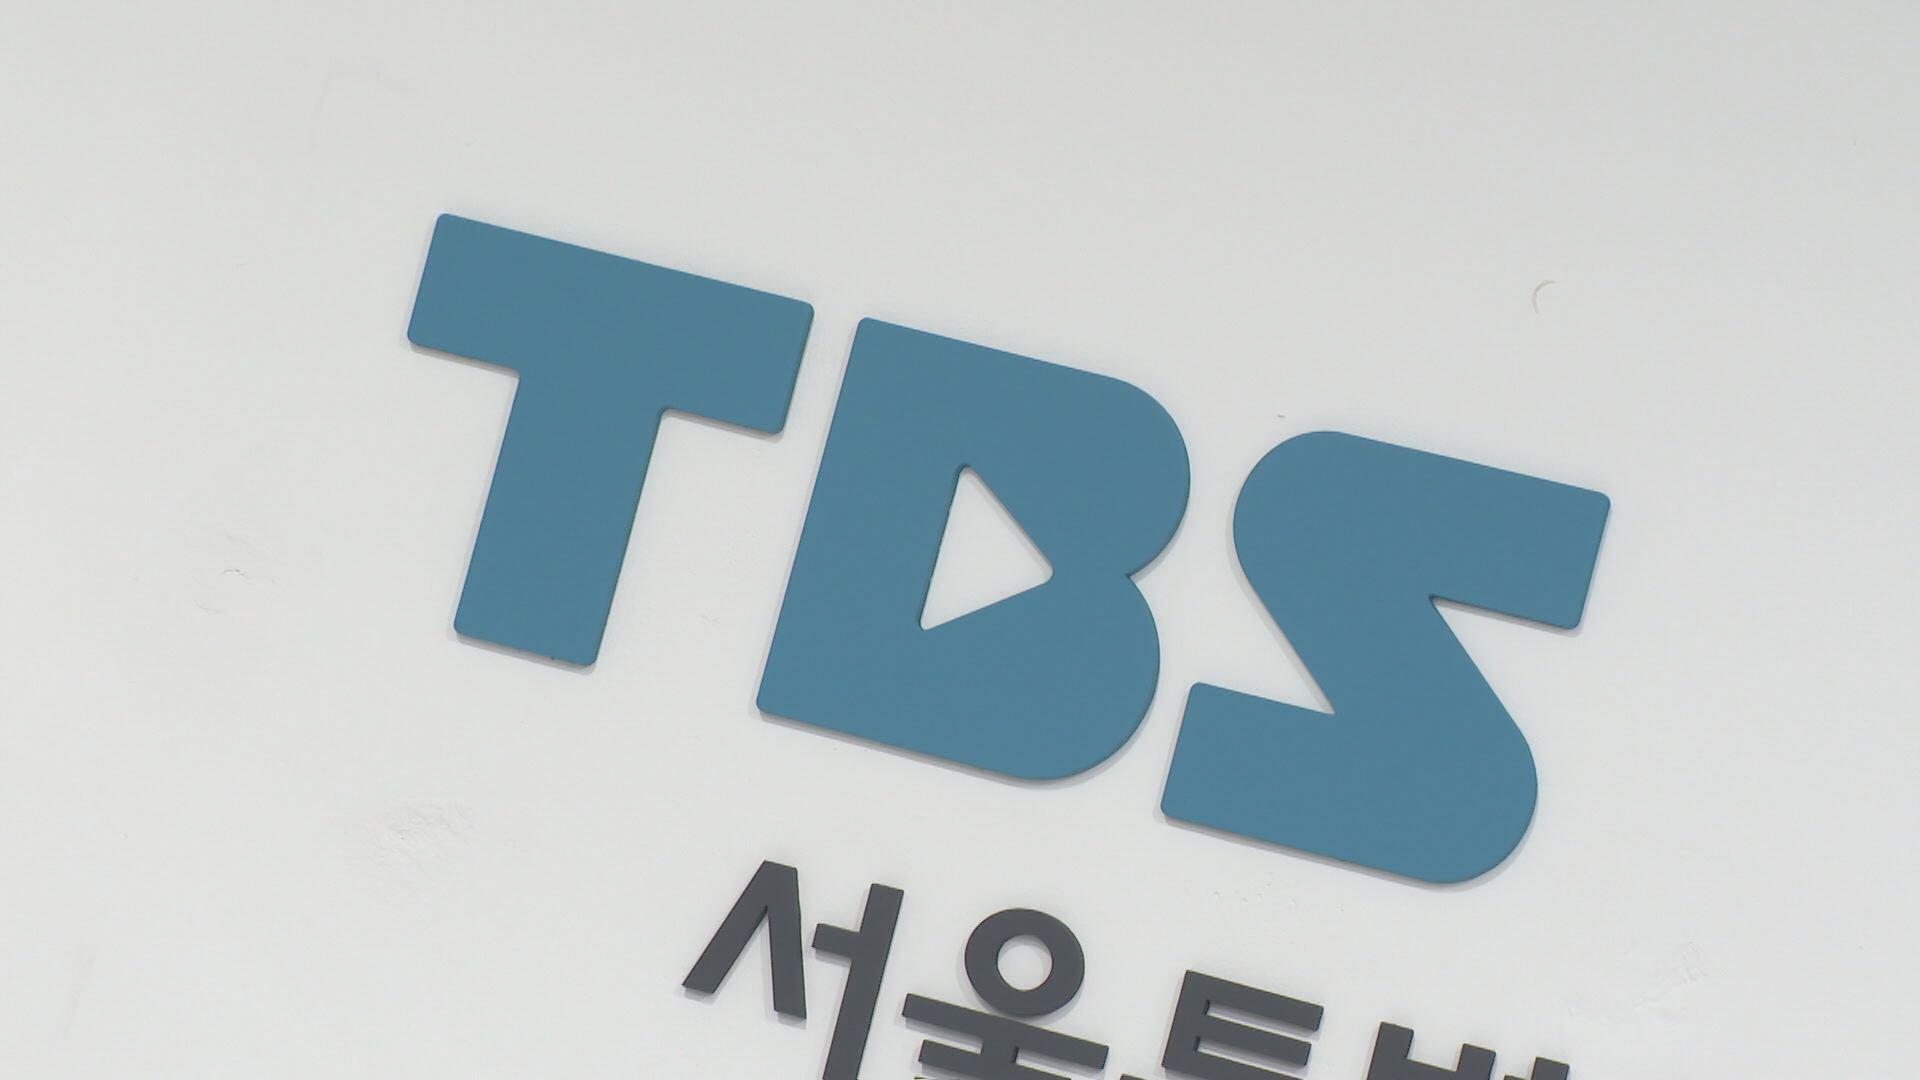 미디어재단 TBS 공식 출범…시민의 눈으로 한걸음 더